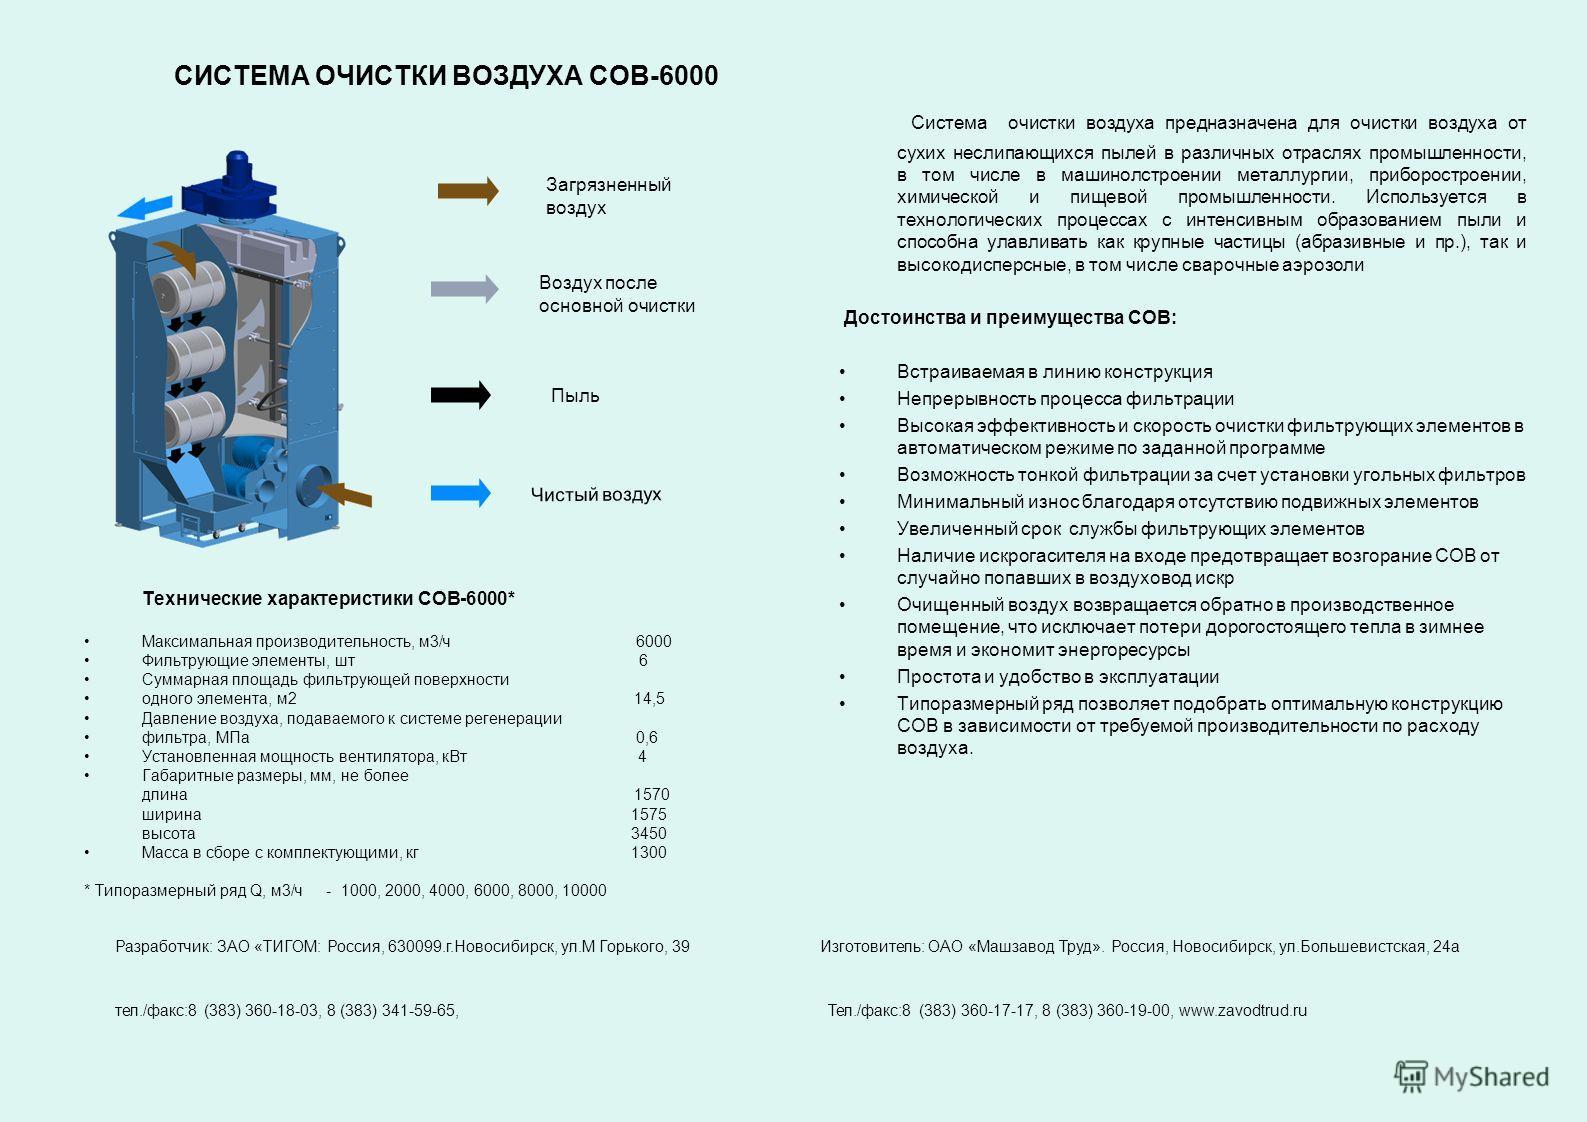 СИСТЕМА ОЧИСТКИ ВОЗДУХА СОВ-6000 Система очистки воздуха предназначена для очистки воздуха от сухих неслипающихся пылей в различных отраслях промышленности, в том числе в машинолстроении металлургии, приборостроении, химической и пищевой промышленнос